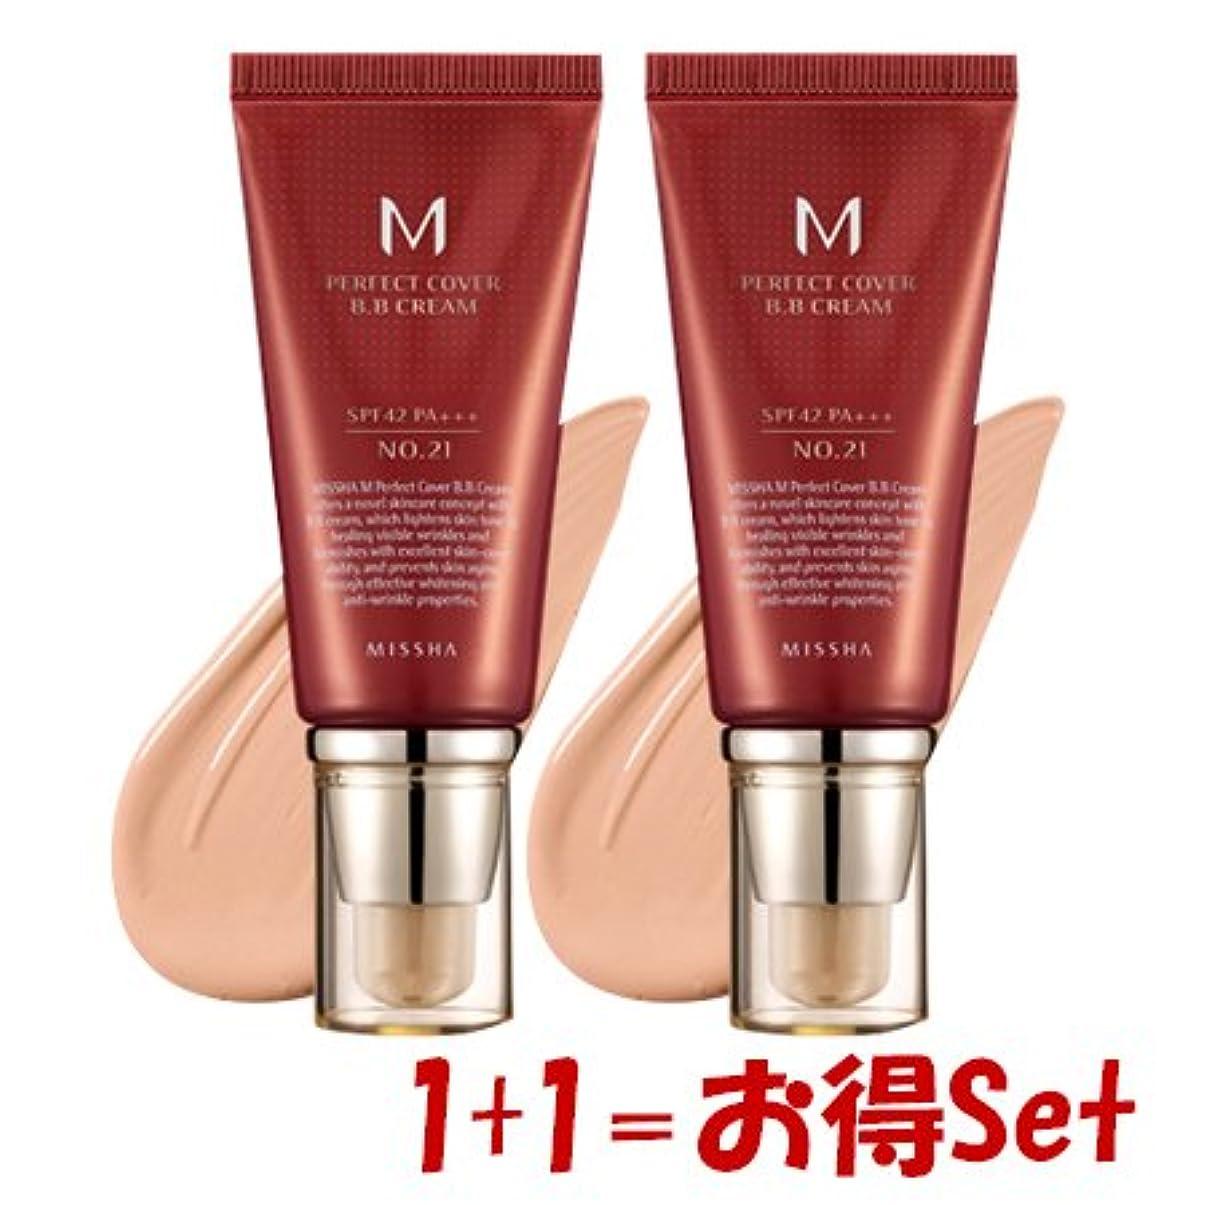 取り付けラバ経験者MISSHA(ミシャ) M Perfect Cover パーフェクトカバーBBクリーム 21号+ 21号(1+1=Set) [並行輸入品]